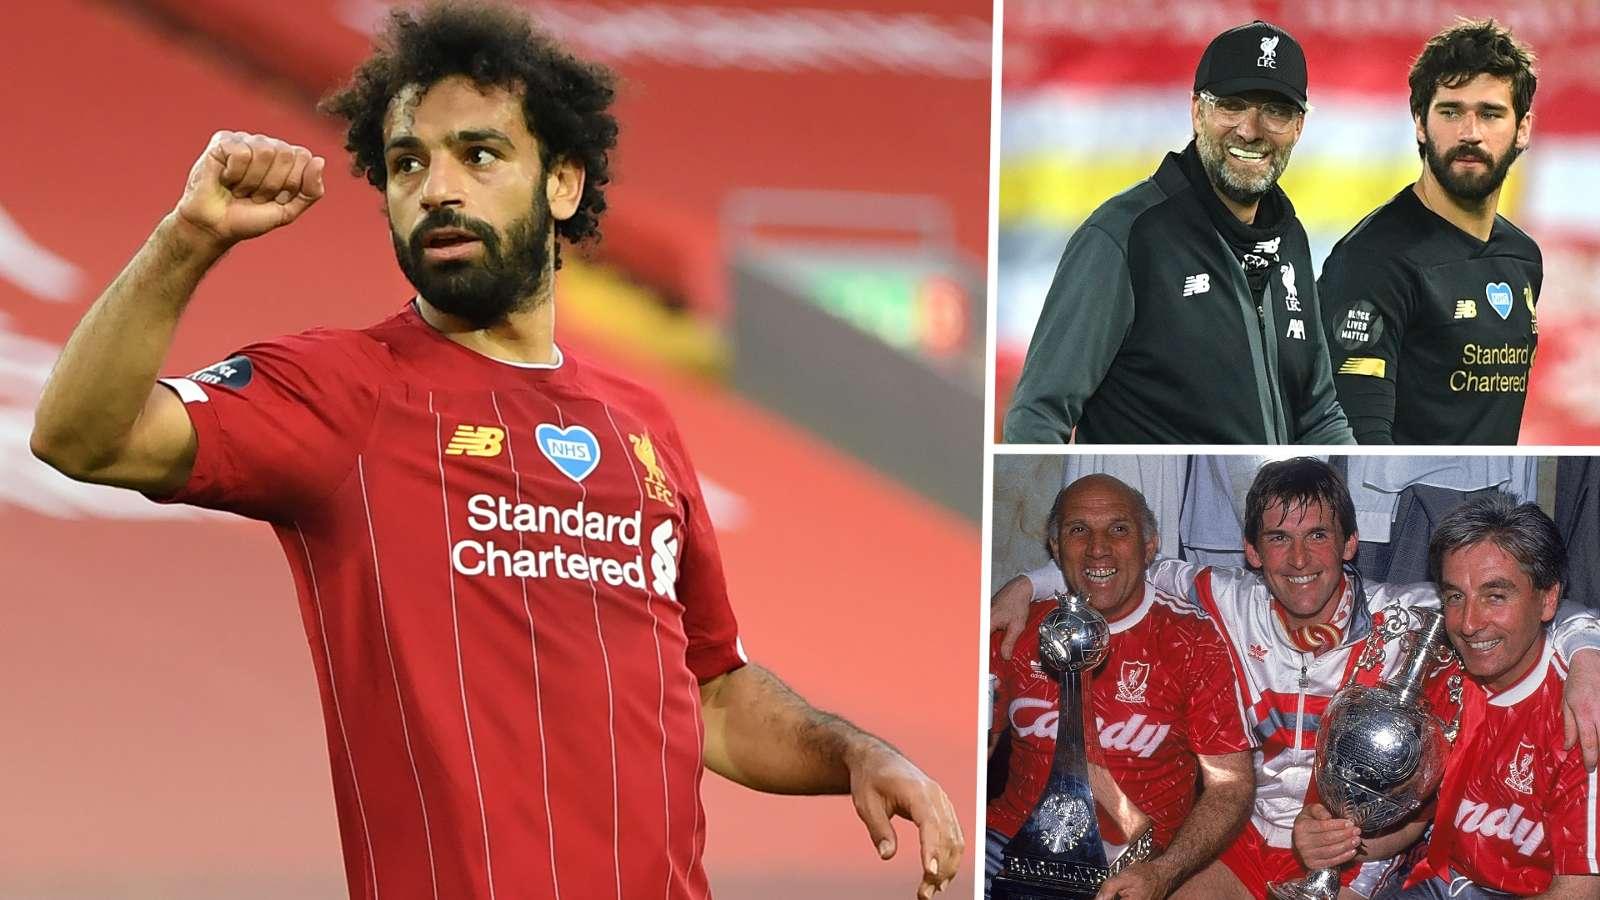 Mohamed Salah Jurgen Klopp Alisson Liverpool 2019-20 GFX